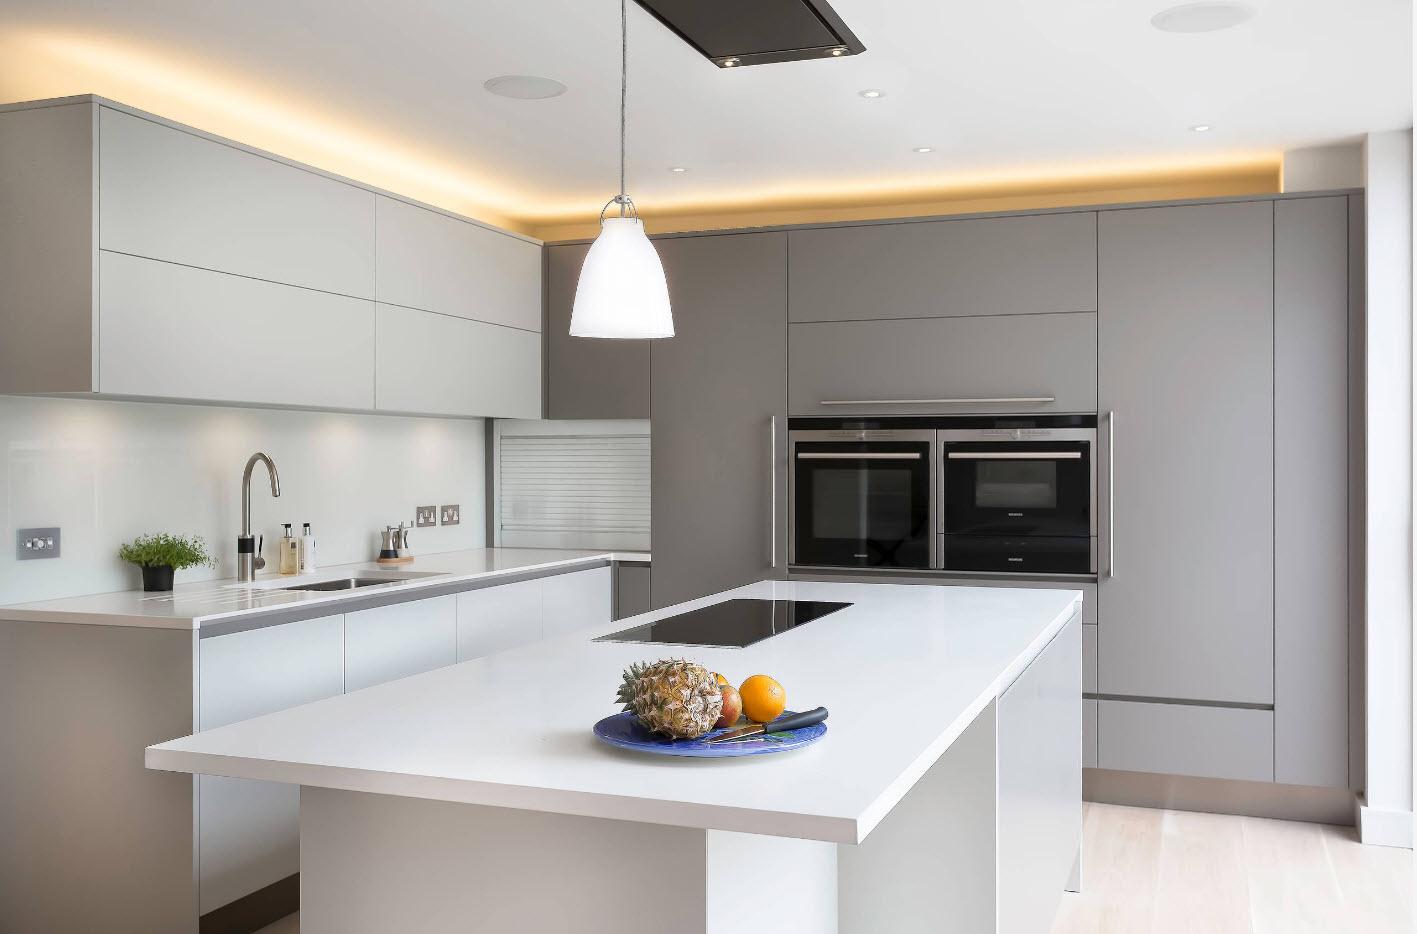 Интерьер кухни 9м2 фото 2018 современные идеи